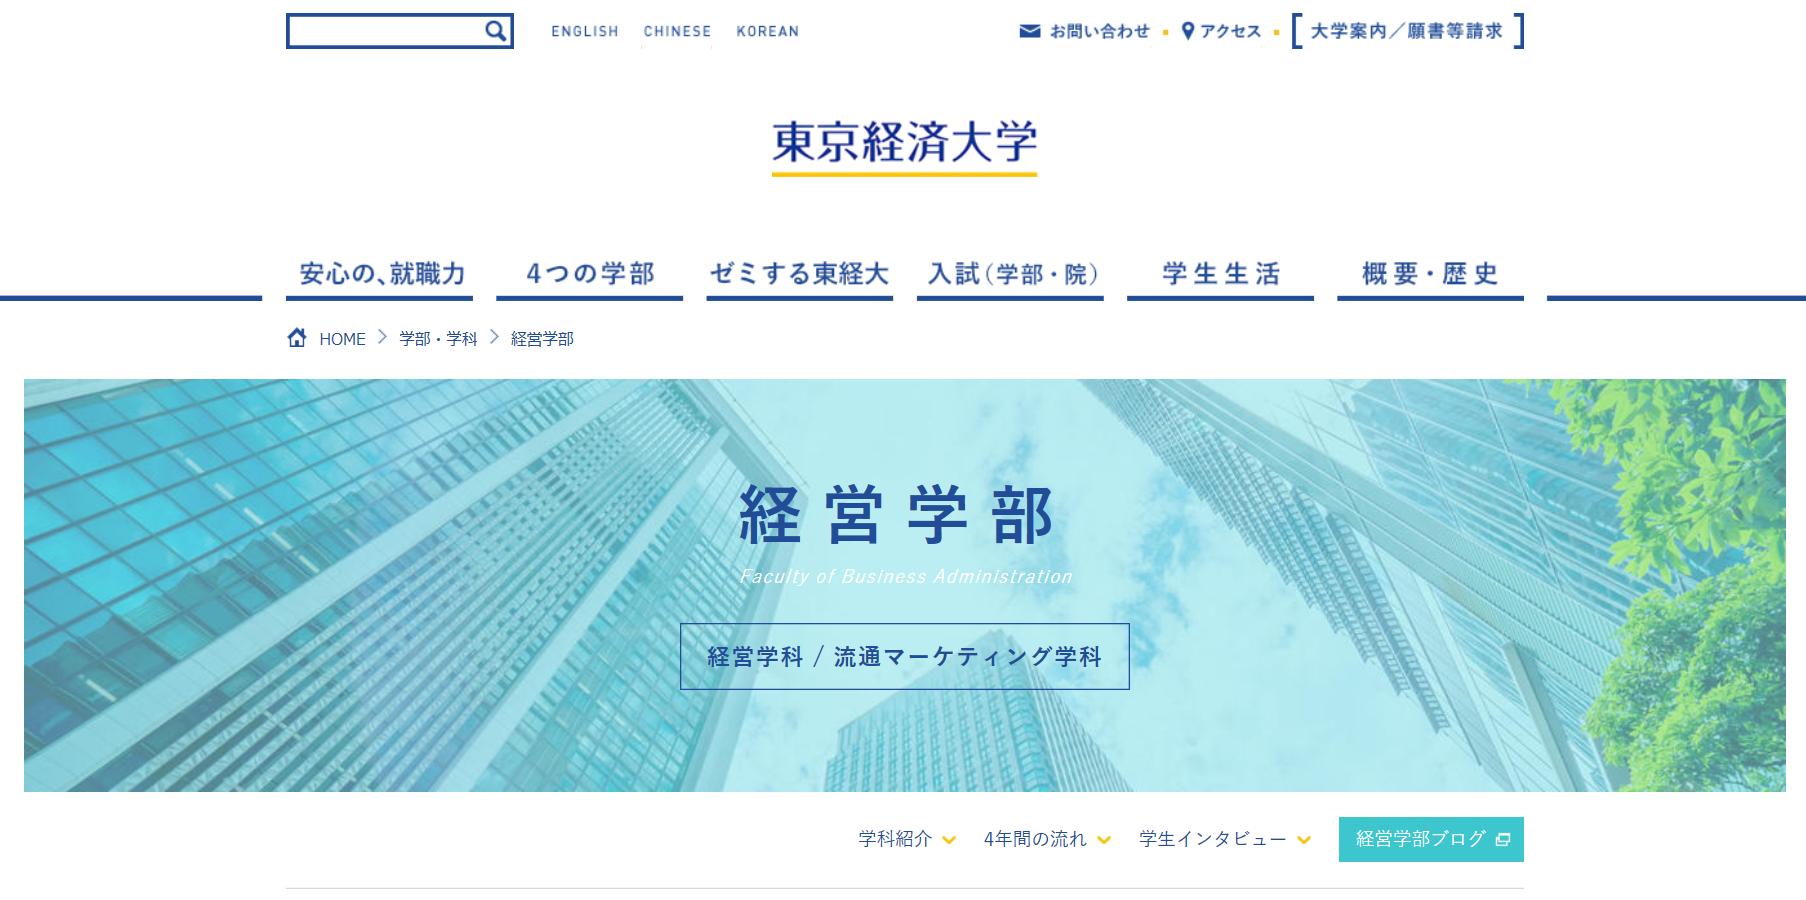 東京経済大学の評判・口コミ【経営学部編】